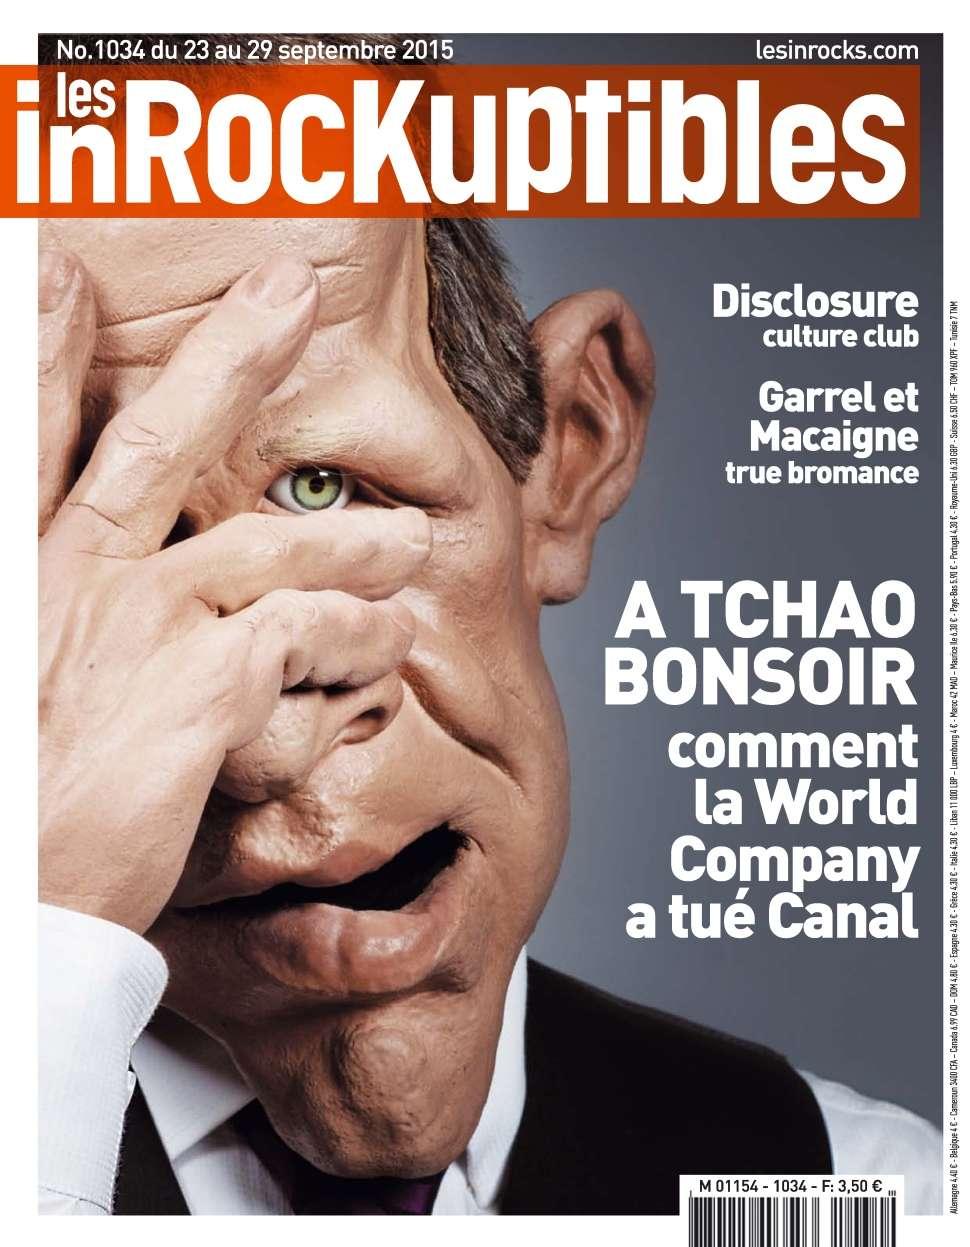 Les Inrockuptibles 1034 - 23 au 29 Septembre 2015